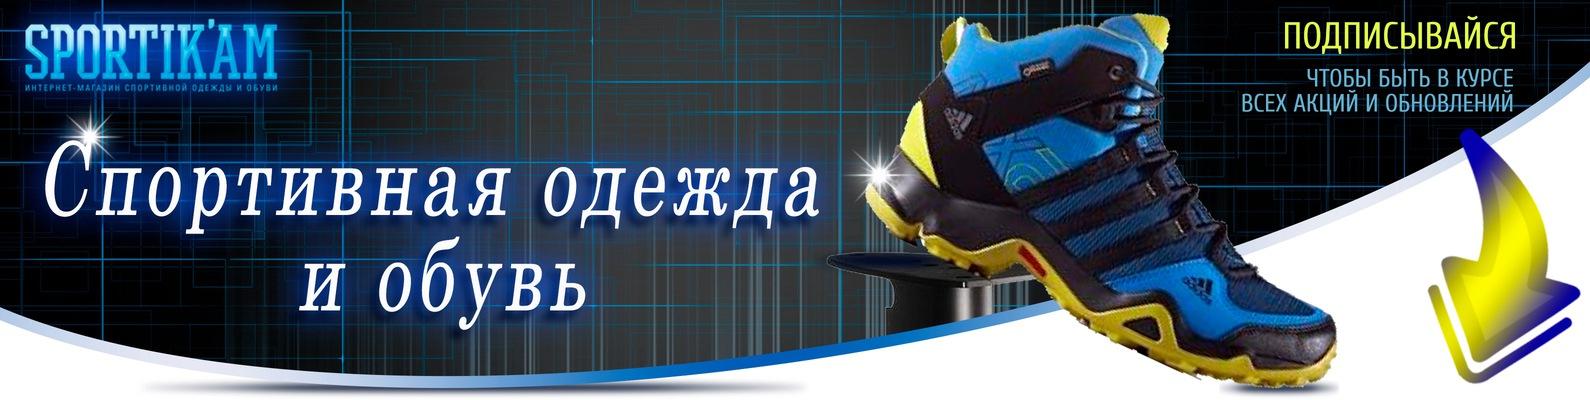 Спортивная одежда и обувь   Sportikam   ВКонтакте bebc32dbd30